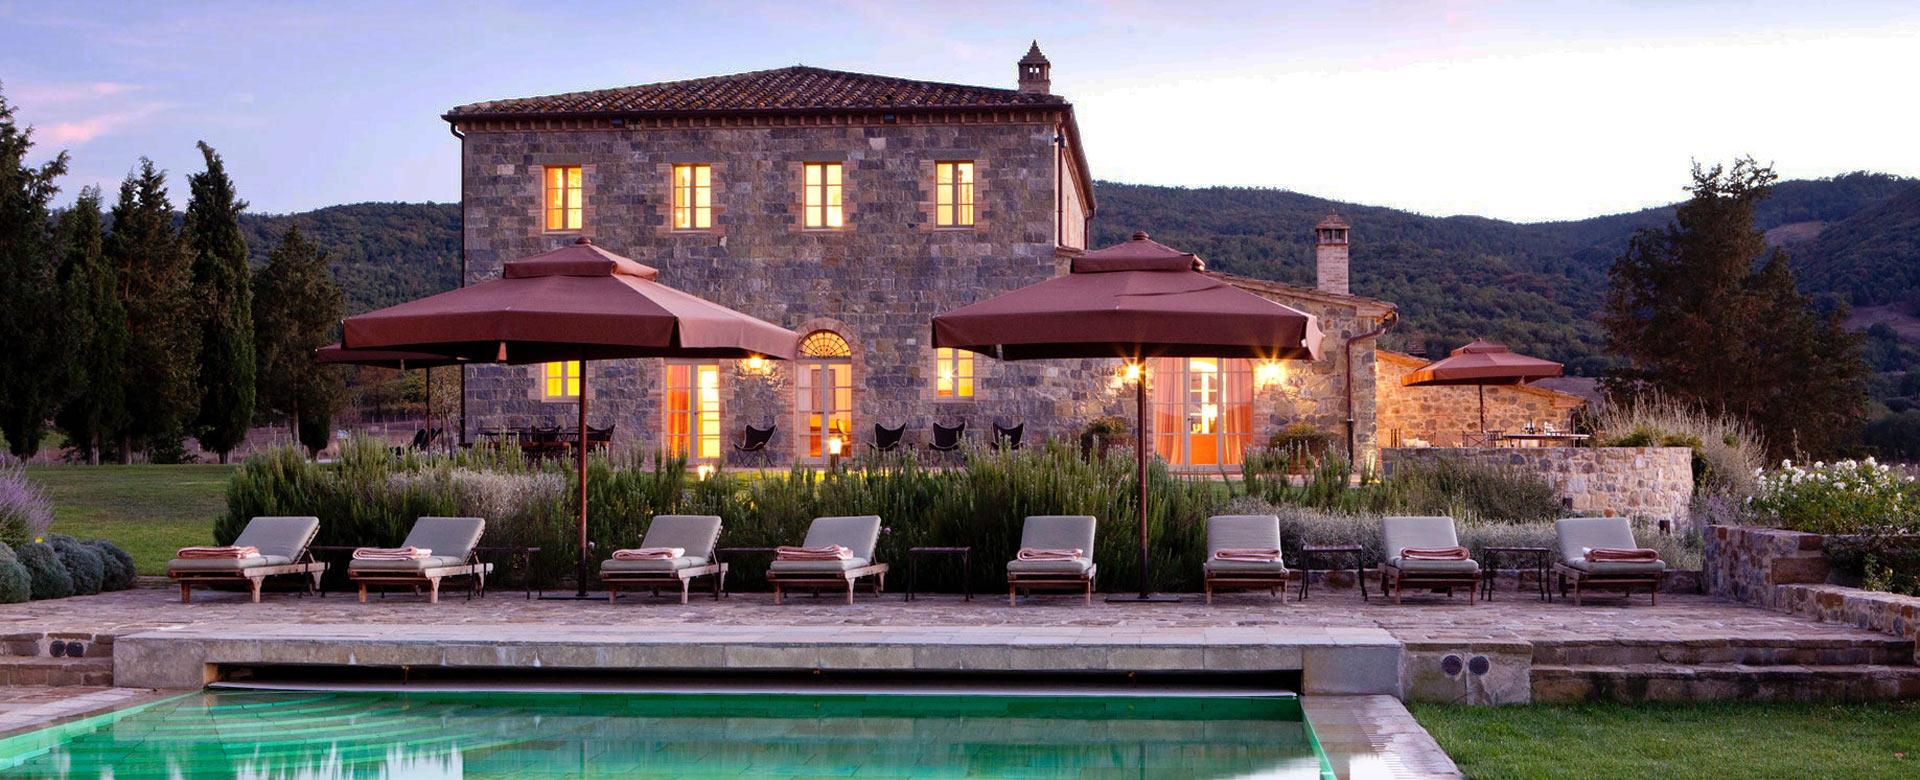 Luxus Ferienhaus Italien Luxusvilla Italien Villanovo